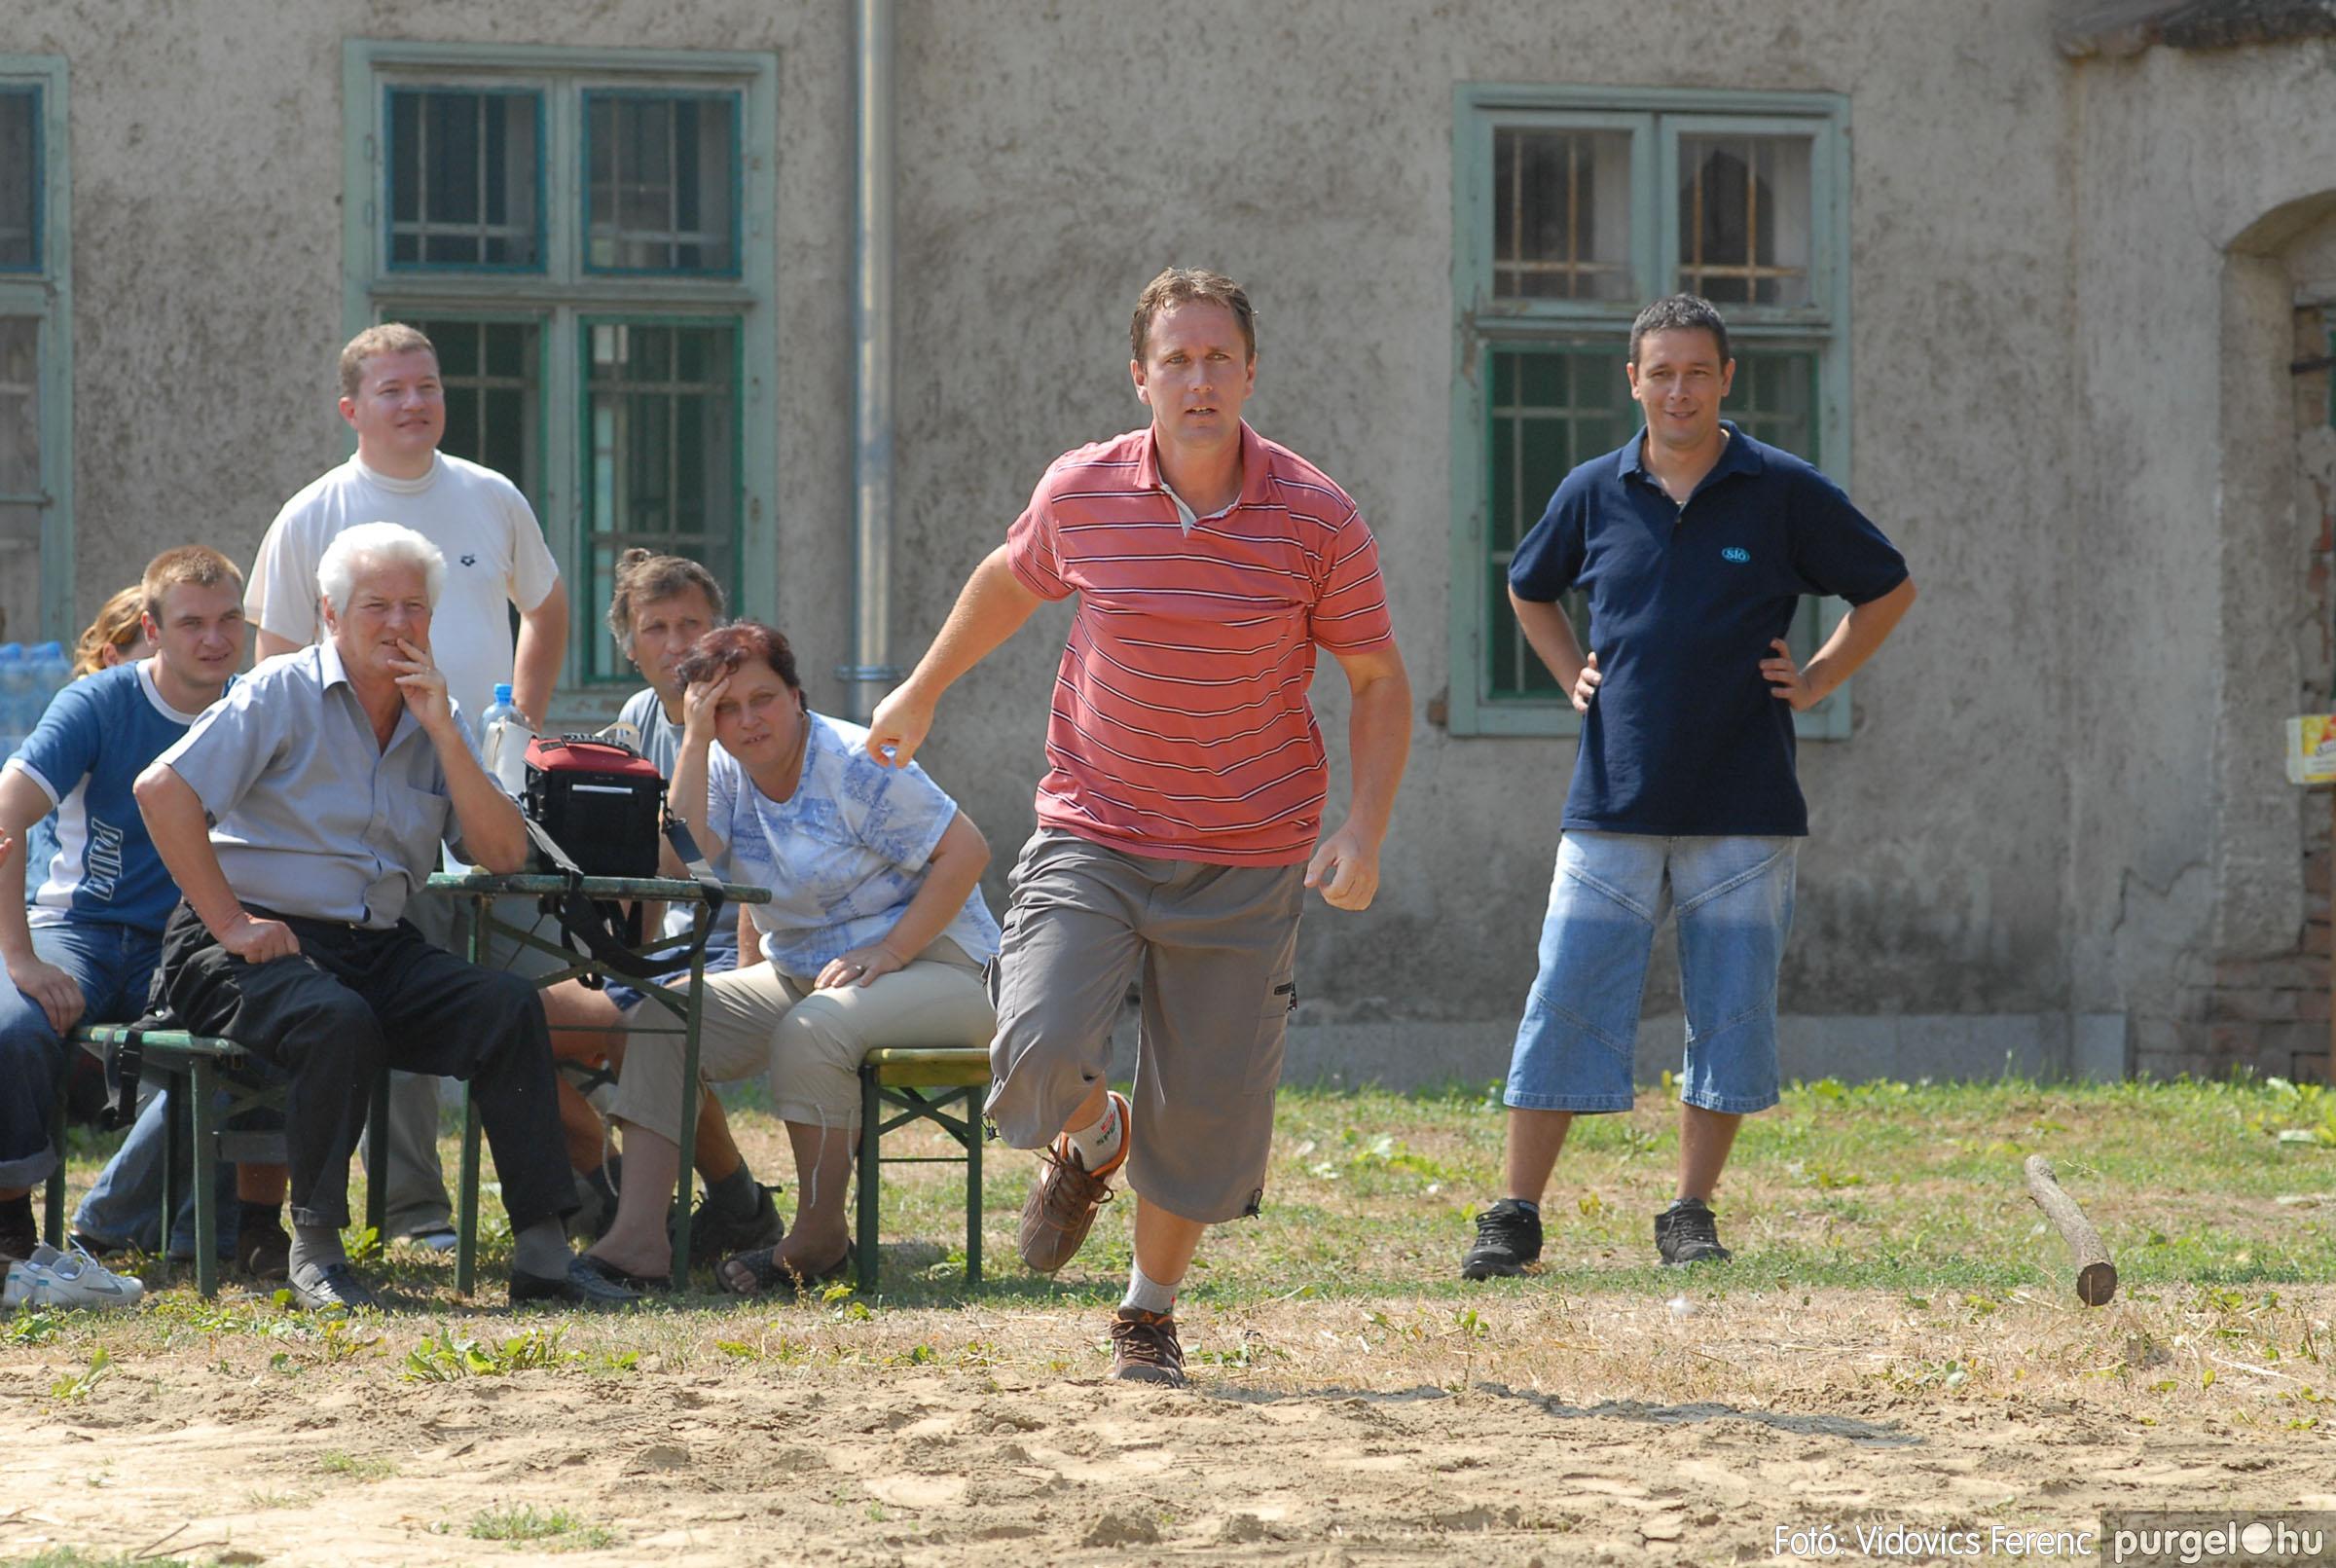 2007.08.18. 0191 Szegvári falunapok 2007. - 2. nap - Fotó:VIDOVICS FERENC© DSC_5659.jpg